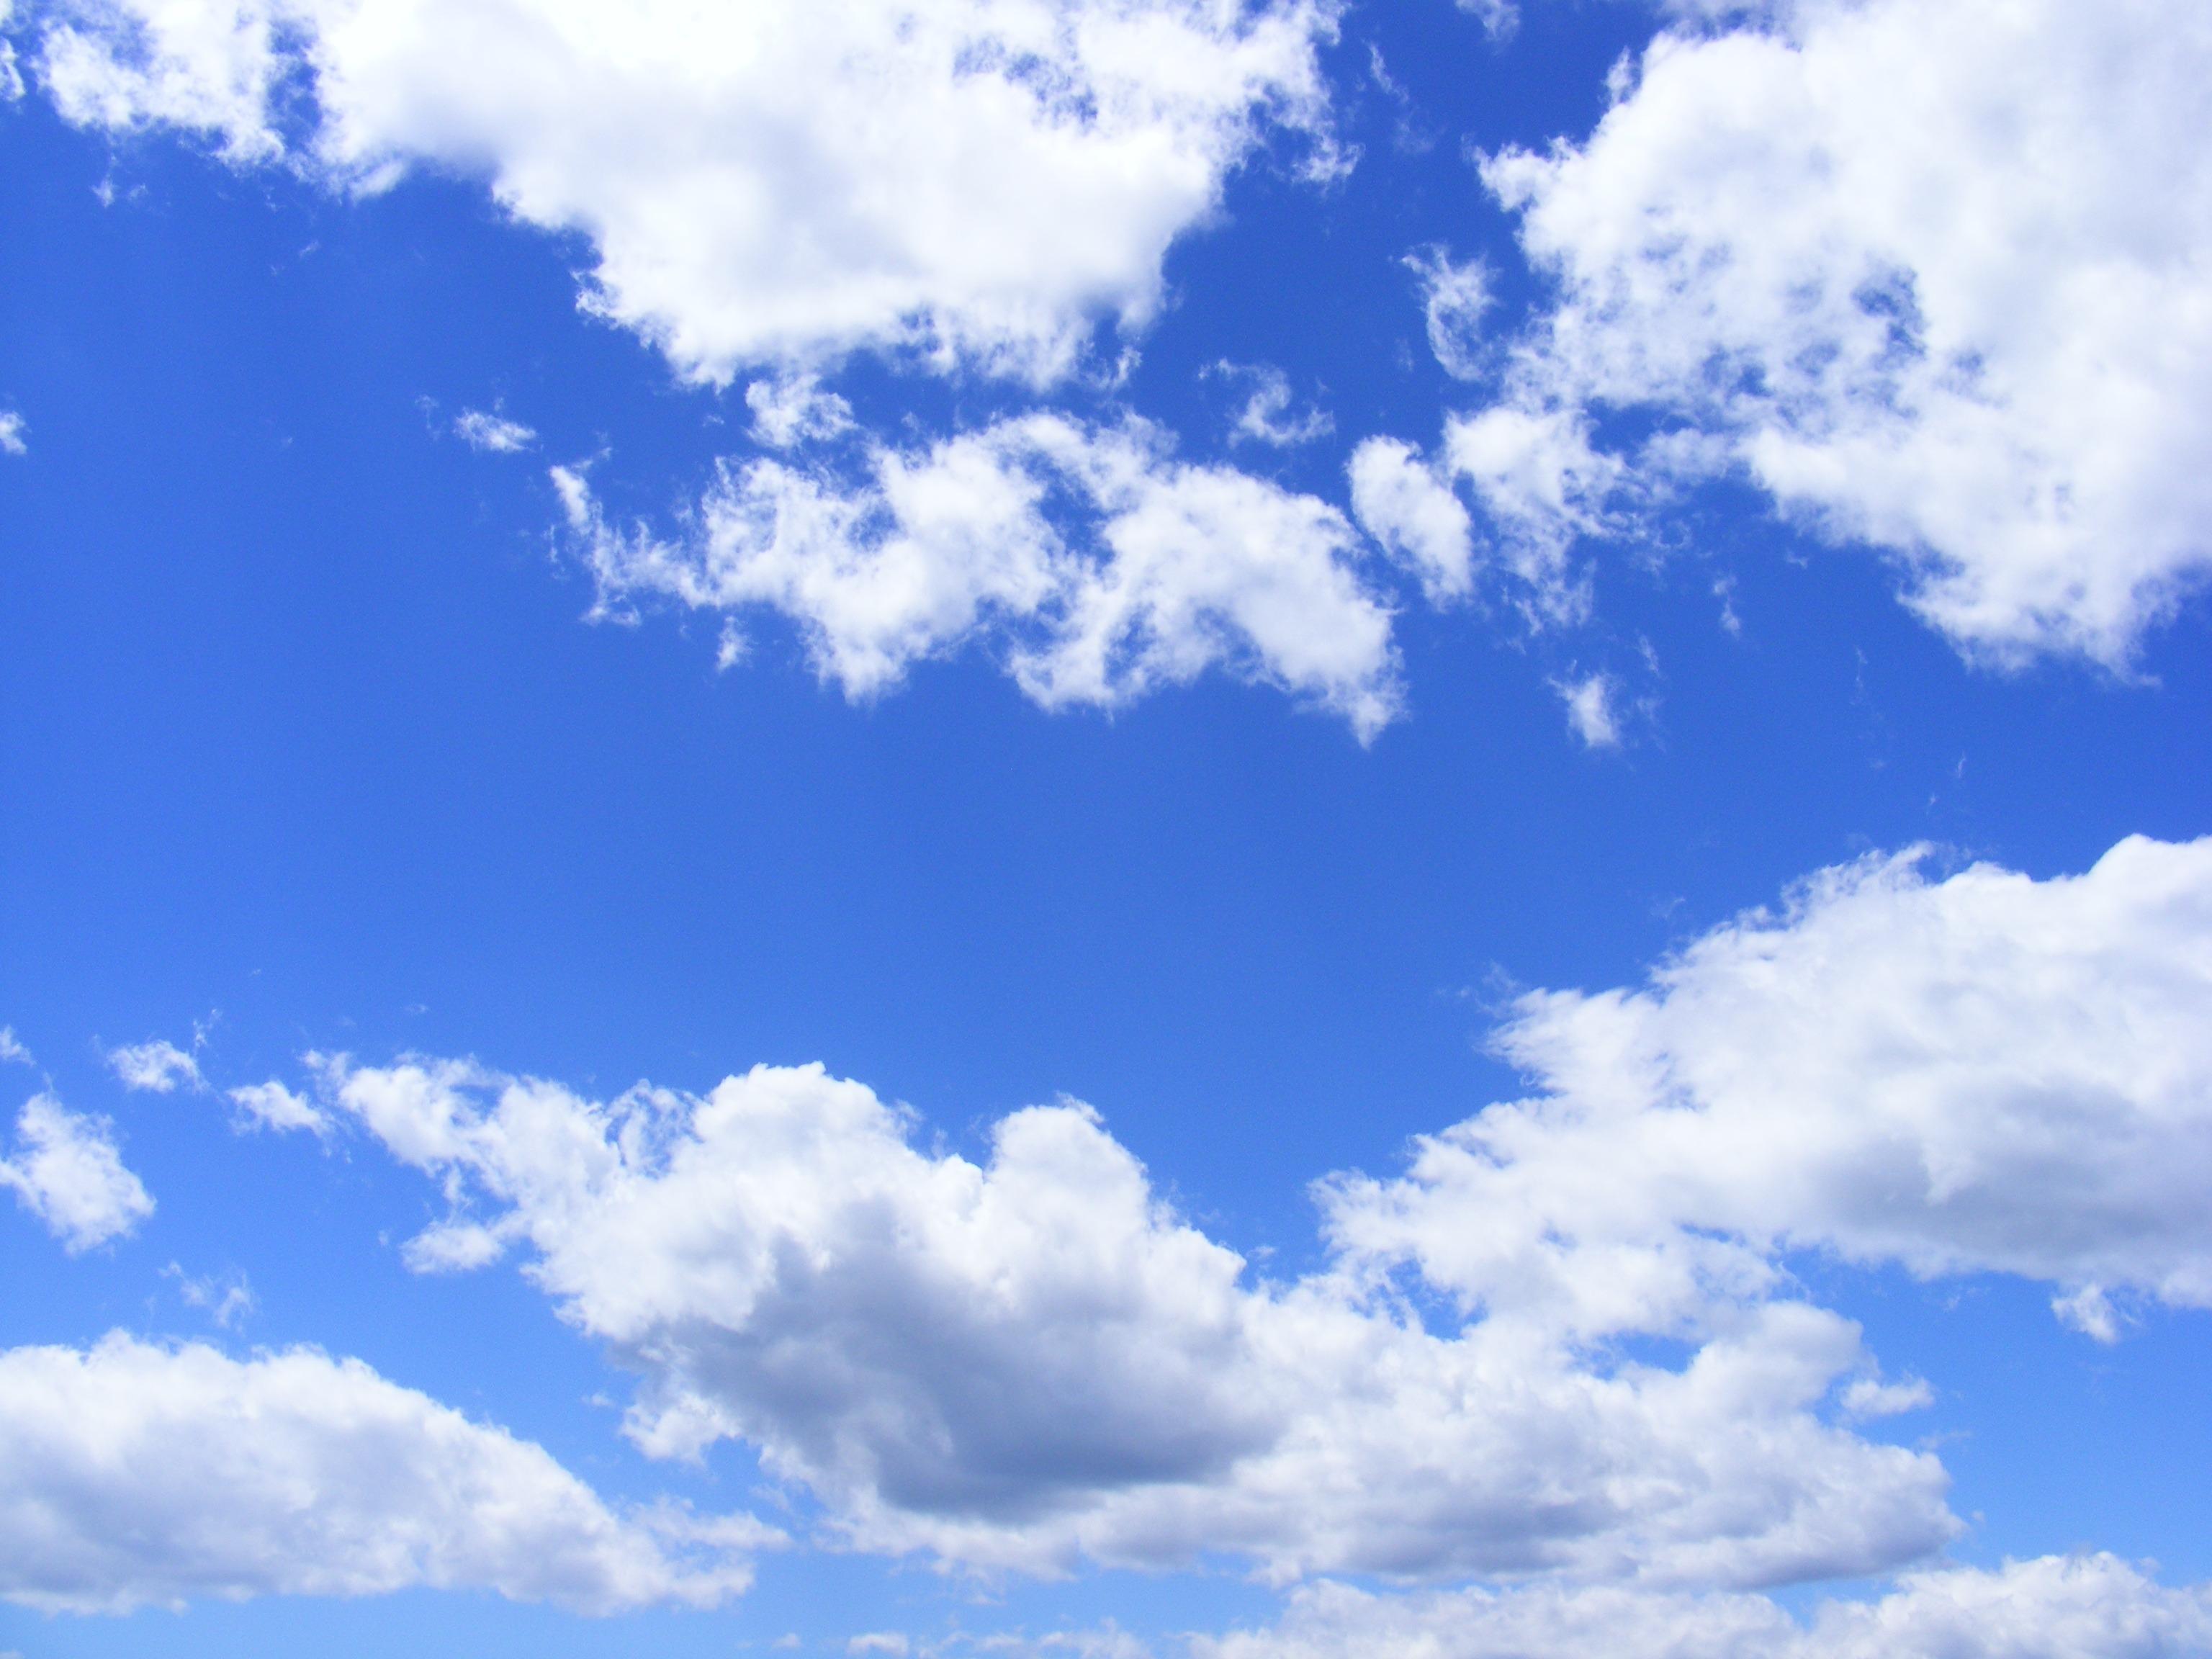 strumpfhosensex sky blue movie kostenlos